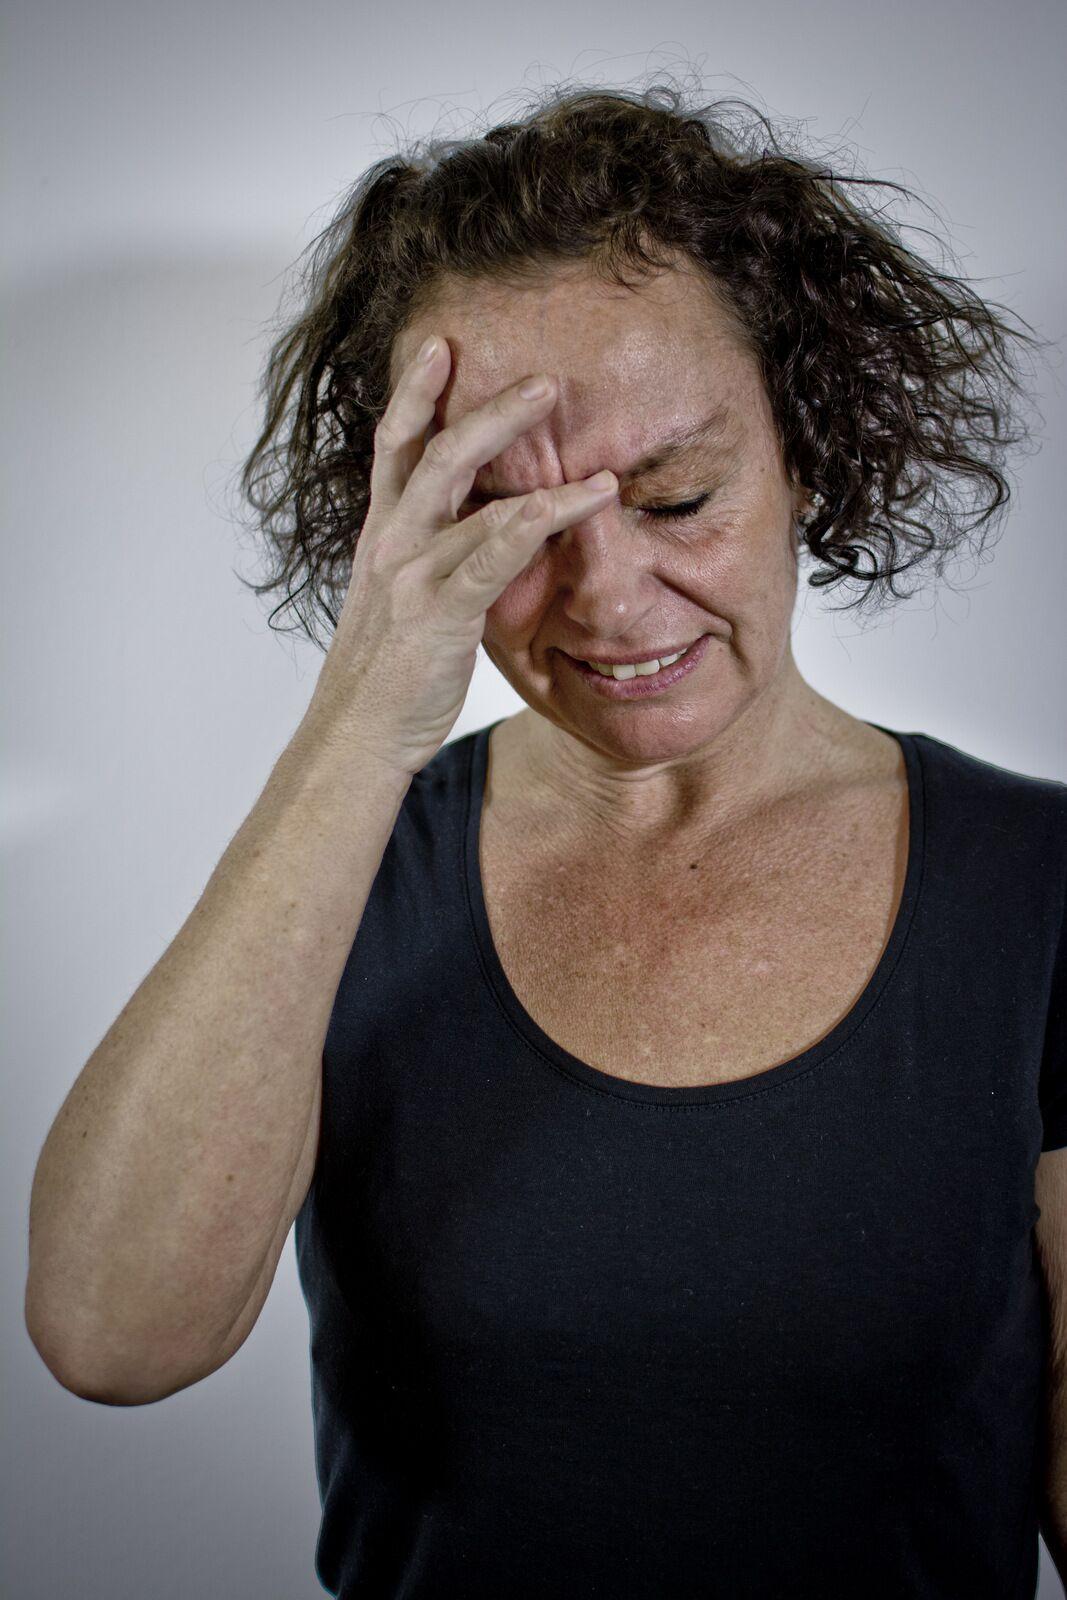 Hovedpiner